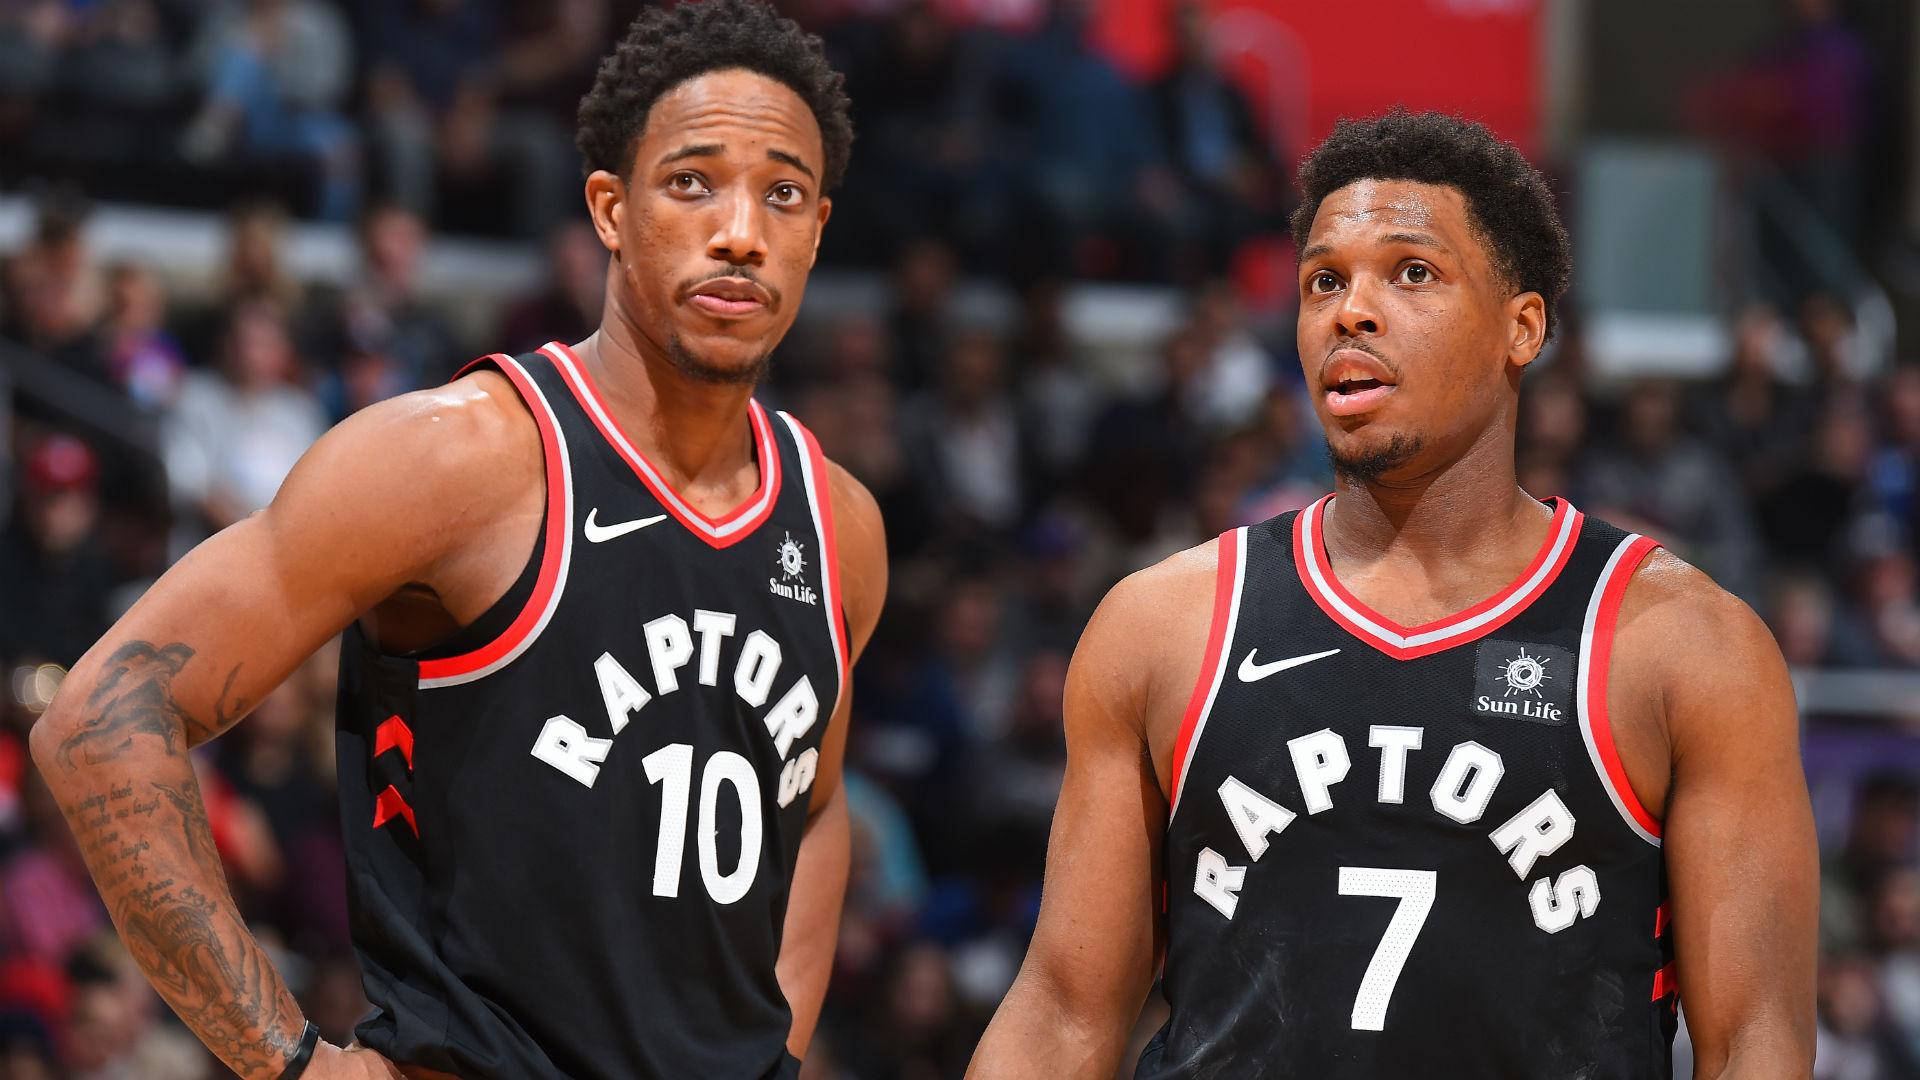 Đôi cánh Kawhi Leonard và Pascal Siakam sẽ giúp Toronto Raptors bay cao hơn bao giờ hết